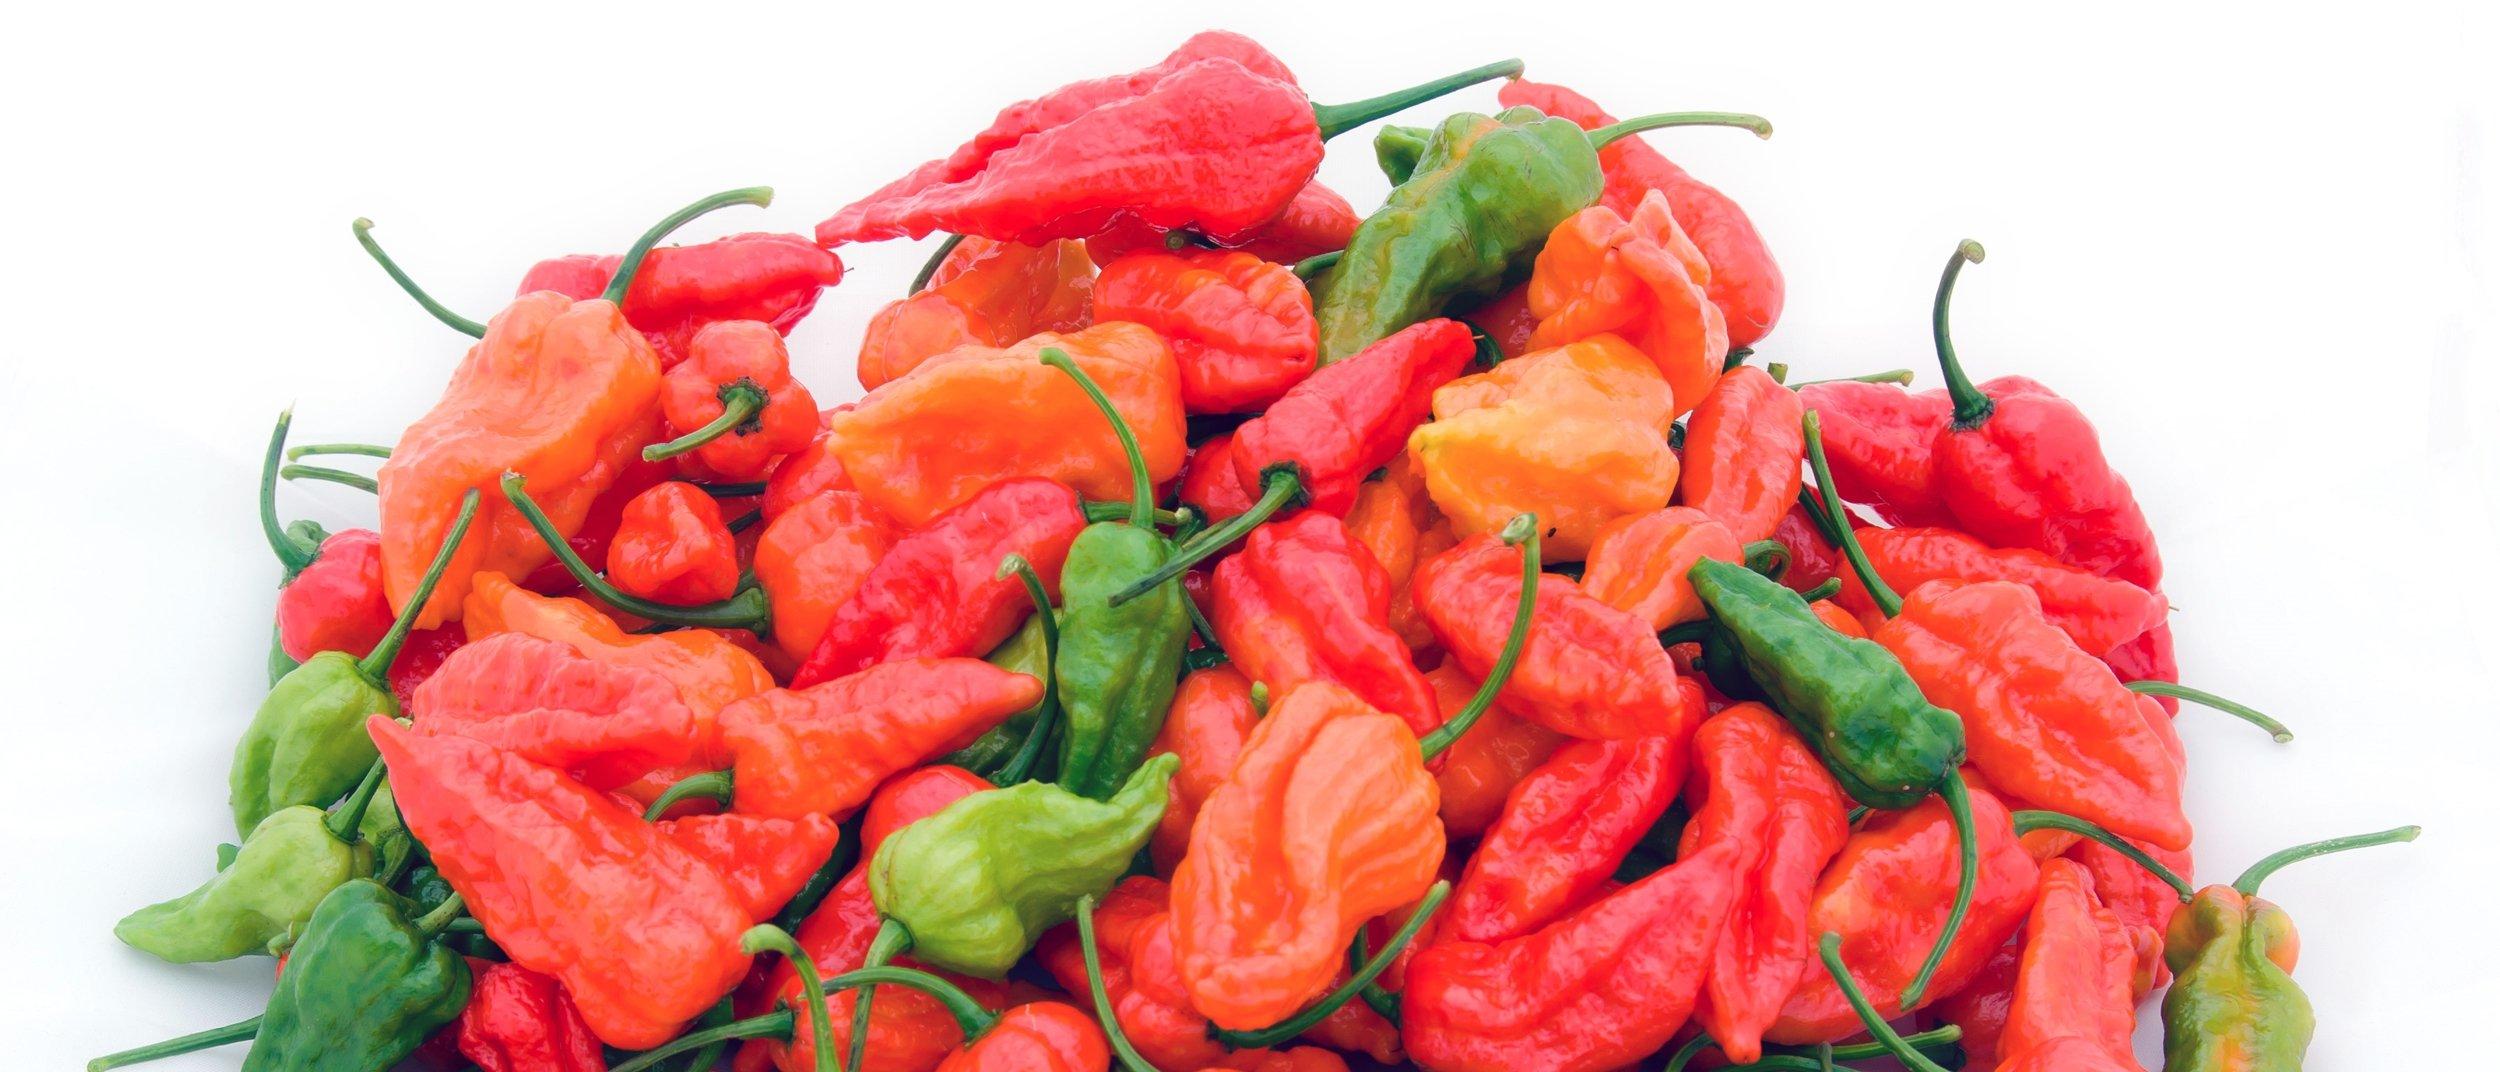 Menino engole pimenta famosa por ser uma das mais picantes do mundo [vídeo]